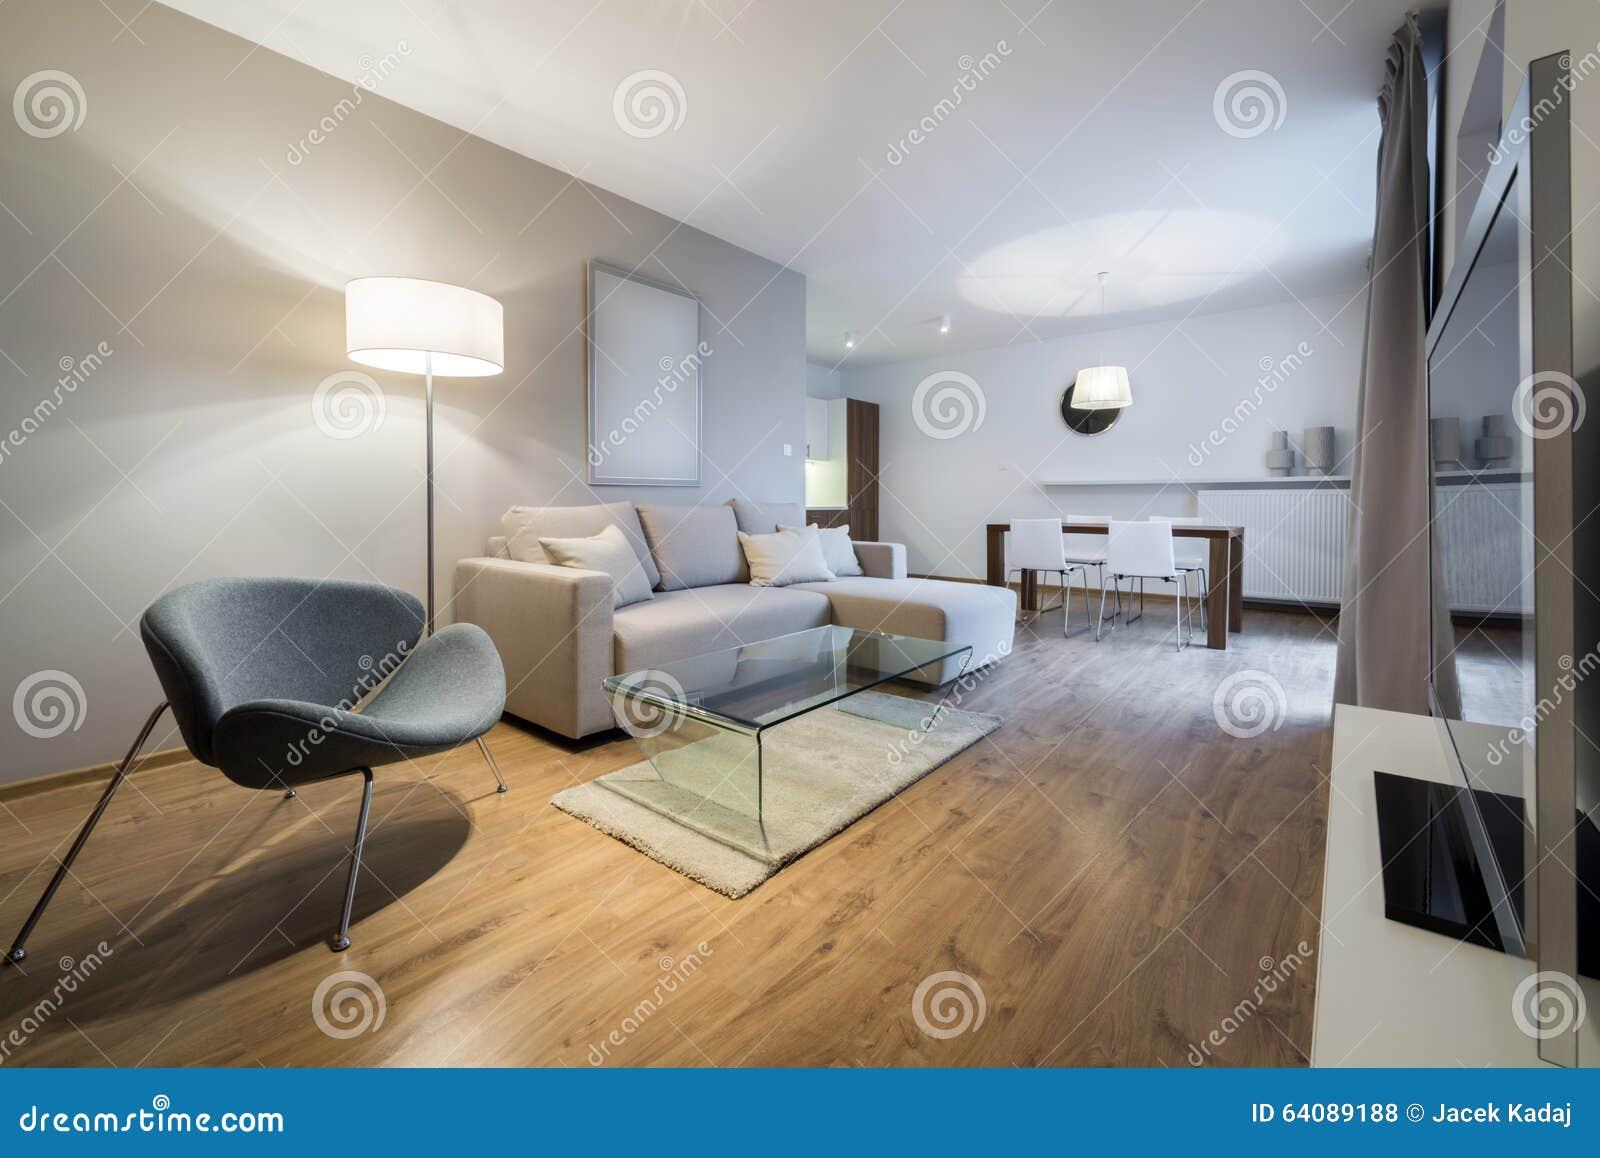 Apartamento moderno do design de interiores foto de stock for Interior design appartamenti